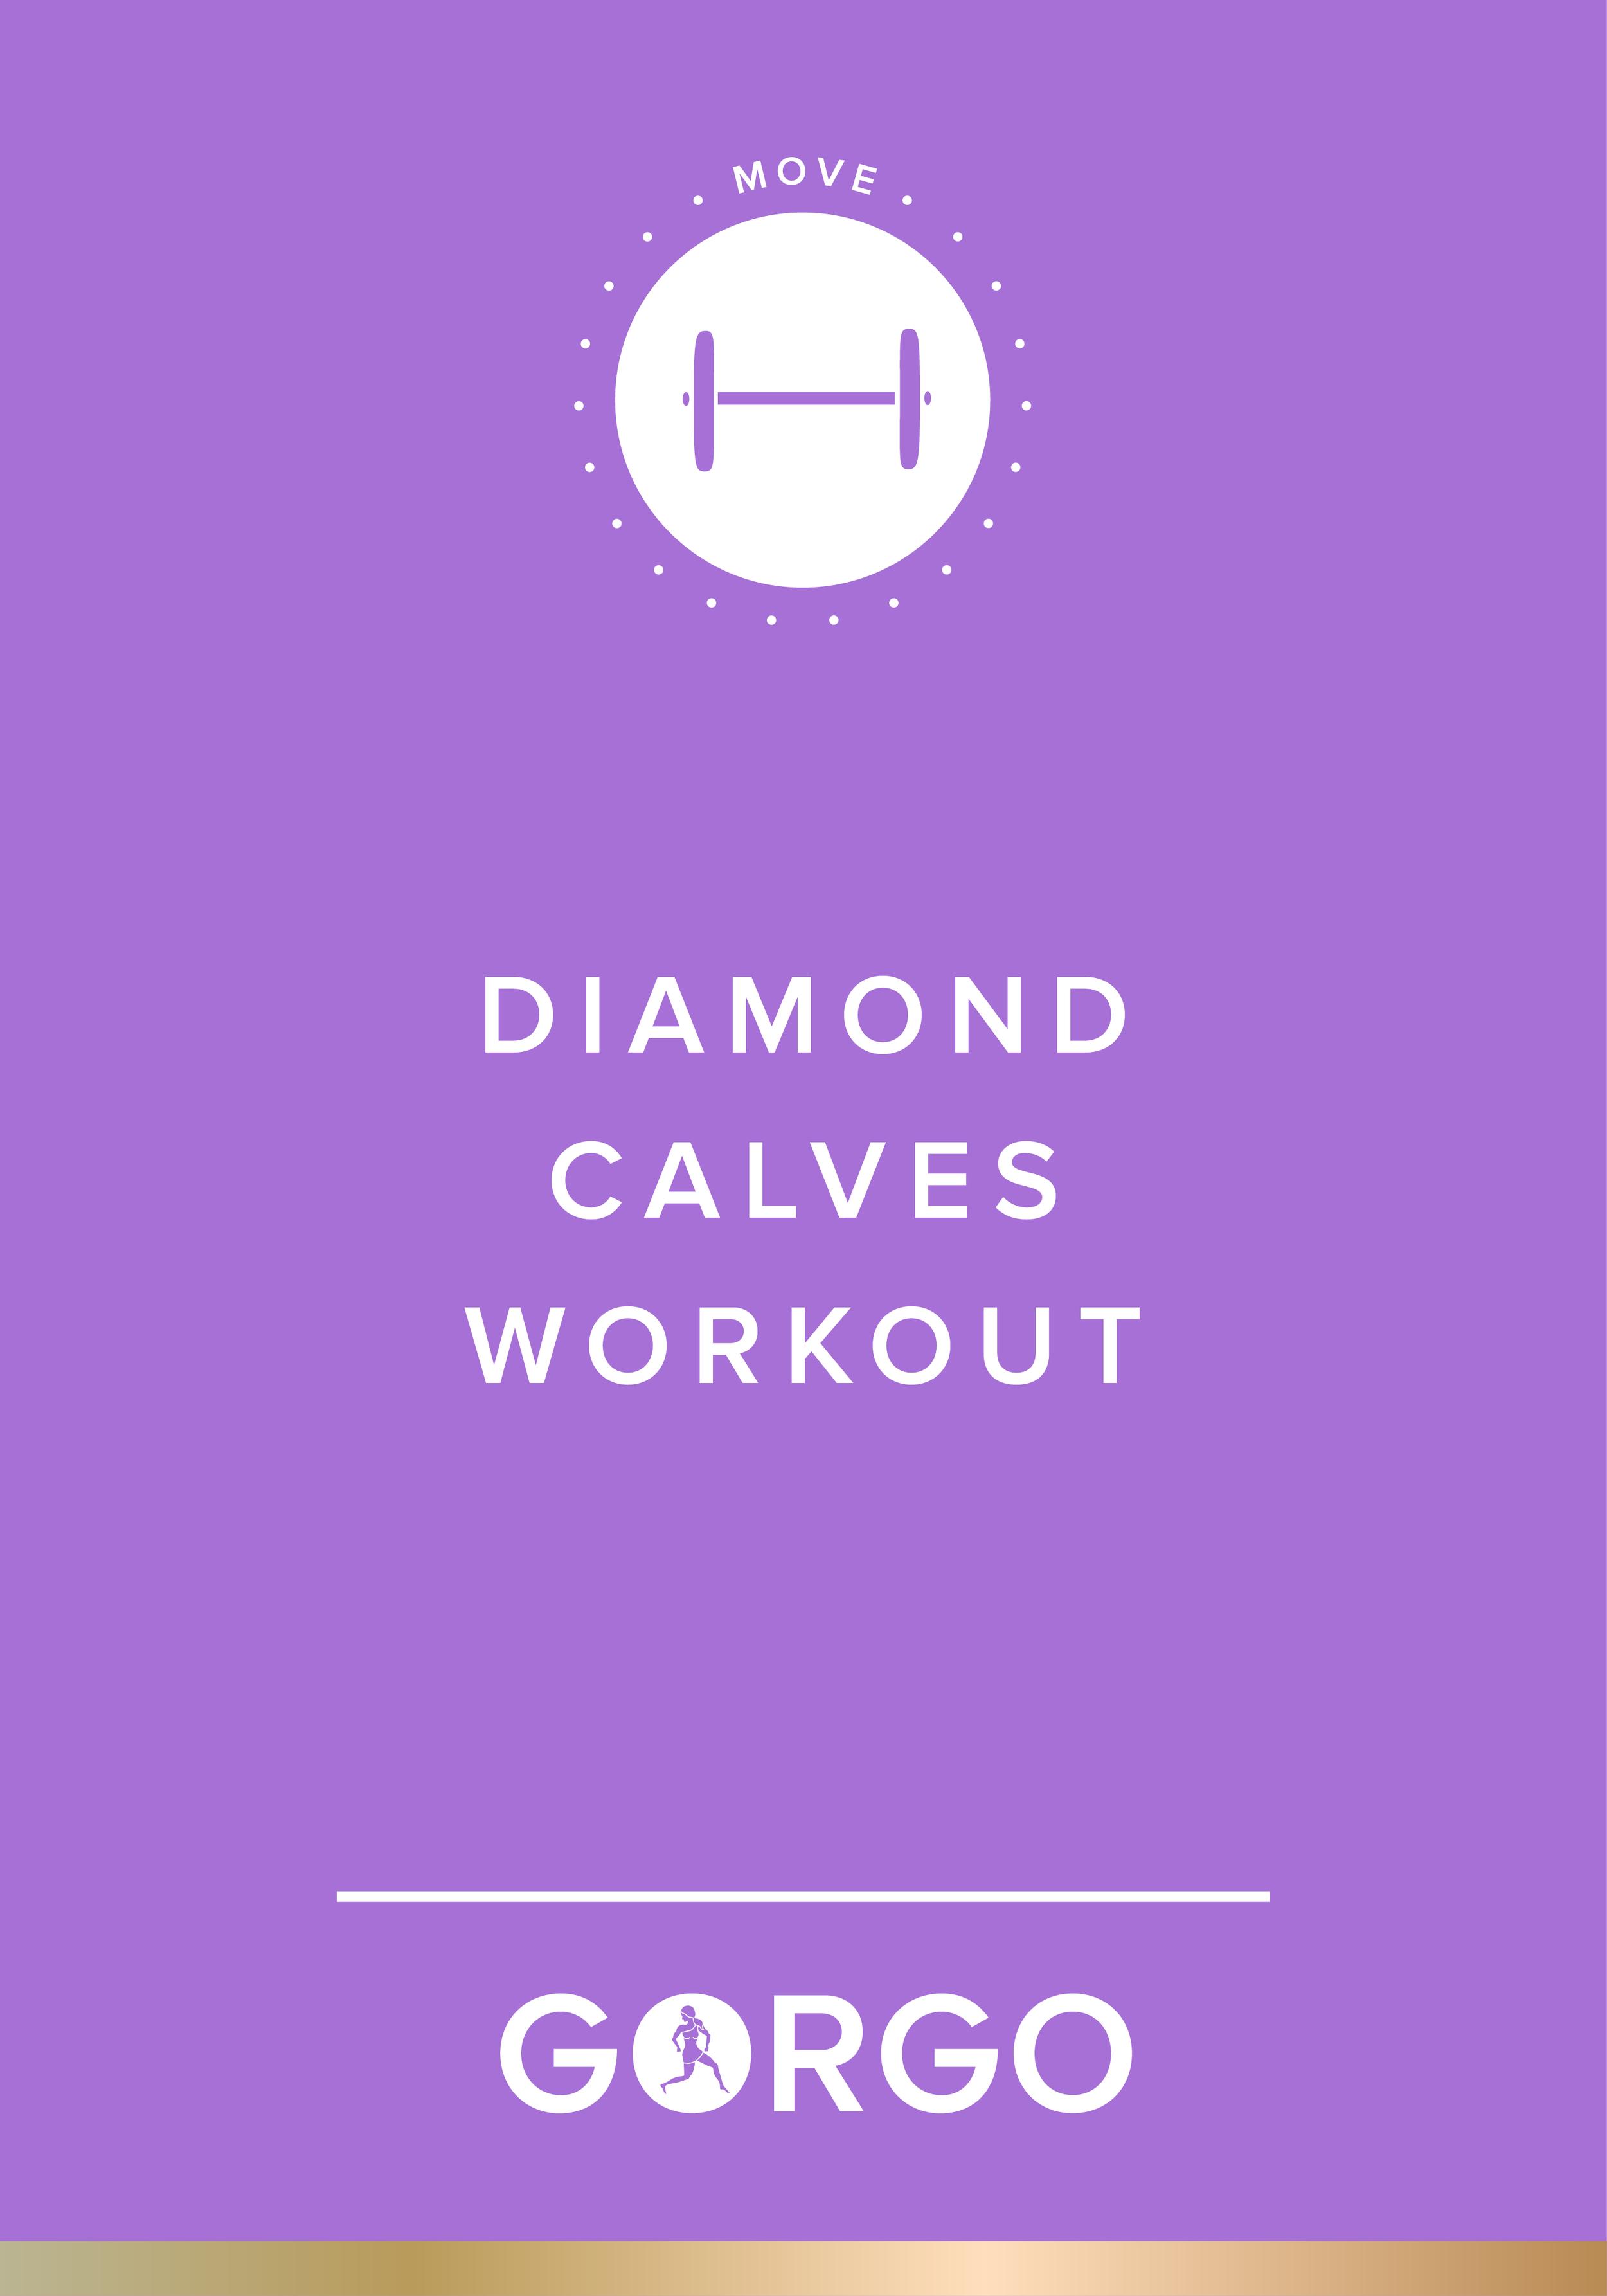 Diamond Calves Workout #gorgogirl #move